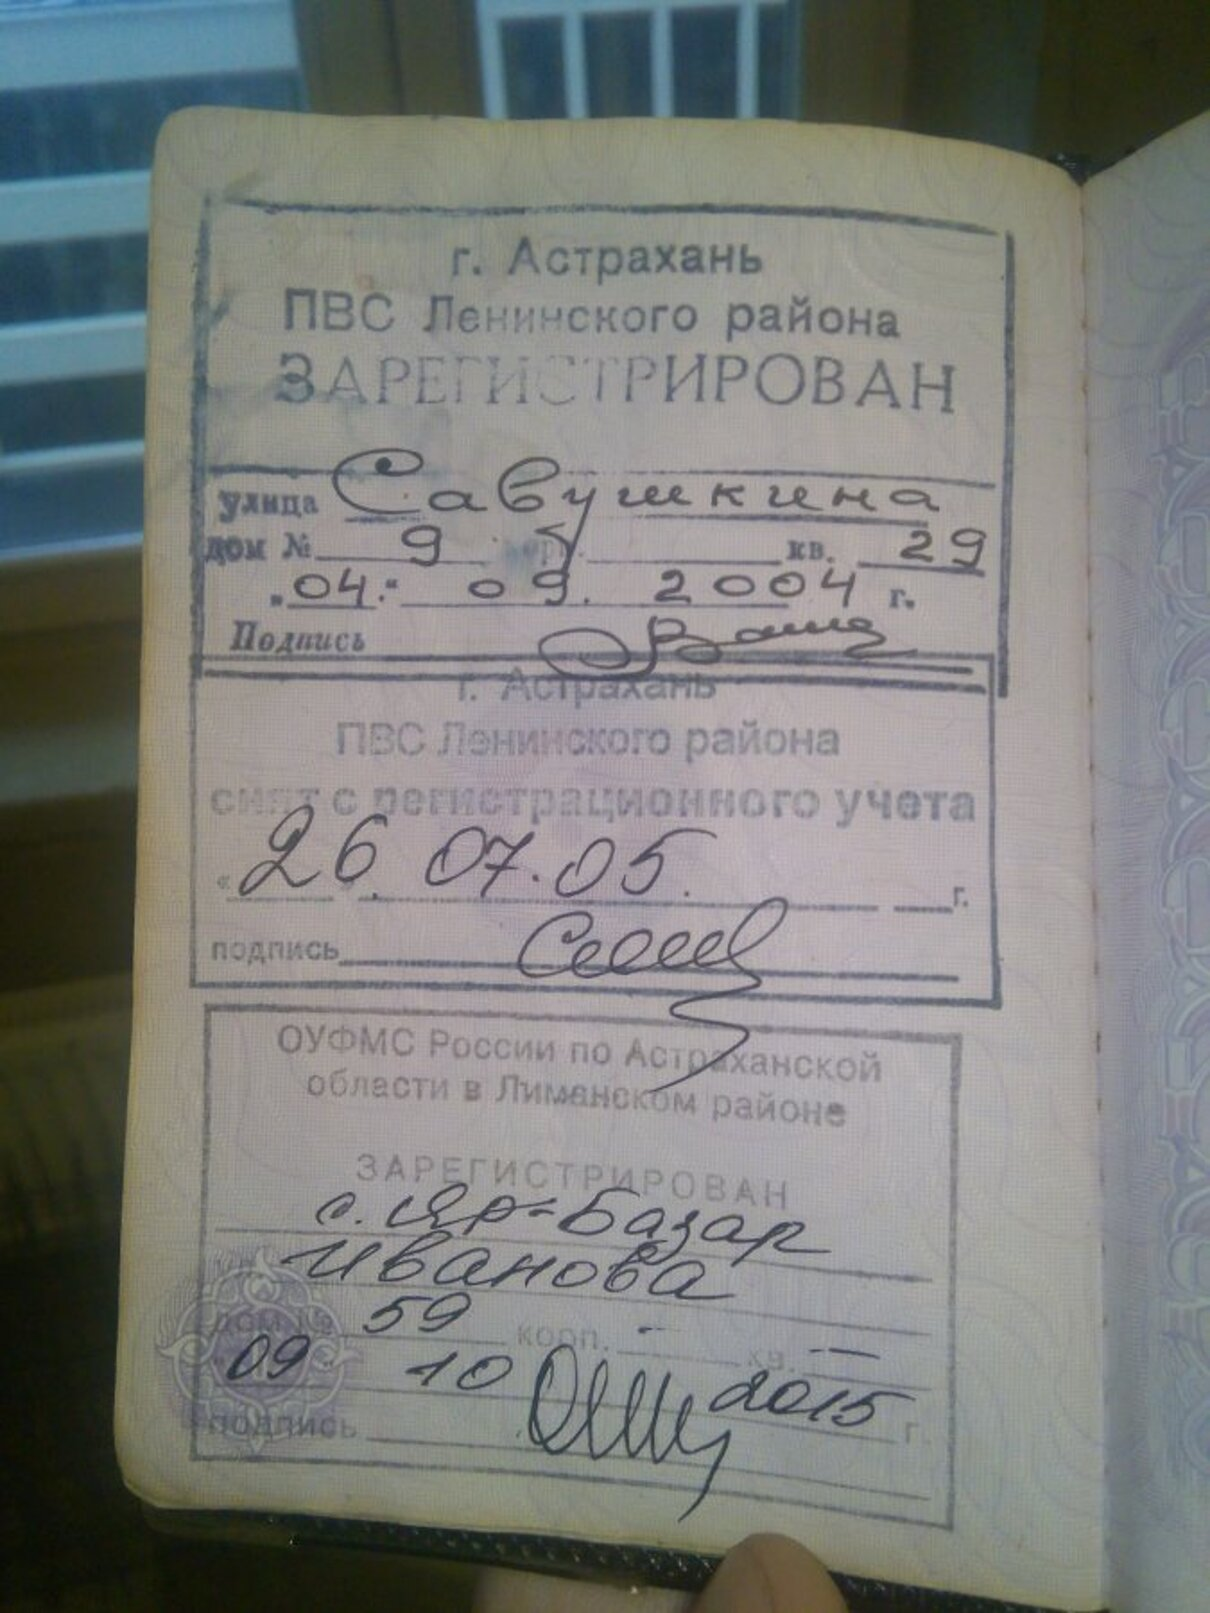 Жалоба-отзыв: Сергей Сергеевич Толстов - Берет деньги и не выполняет работу. Мошенник.  Фото №2